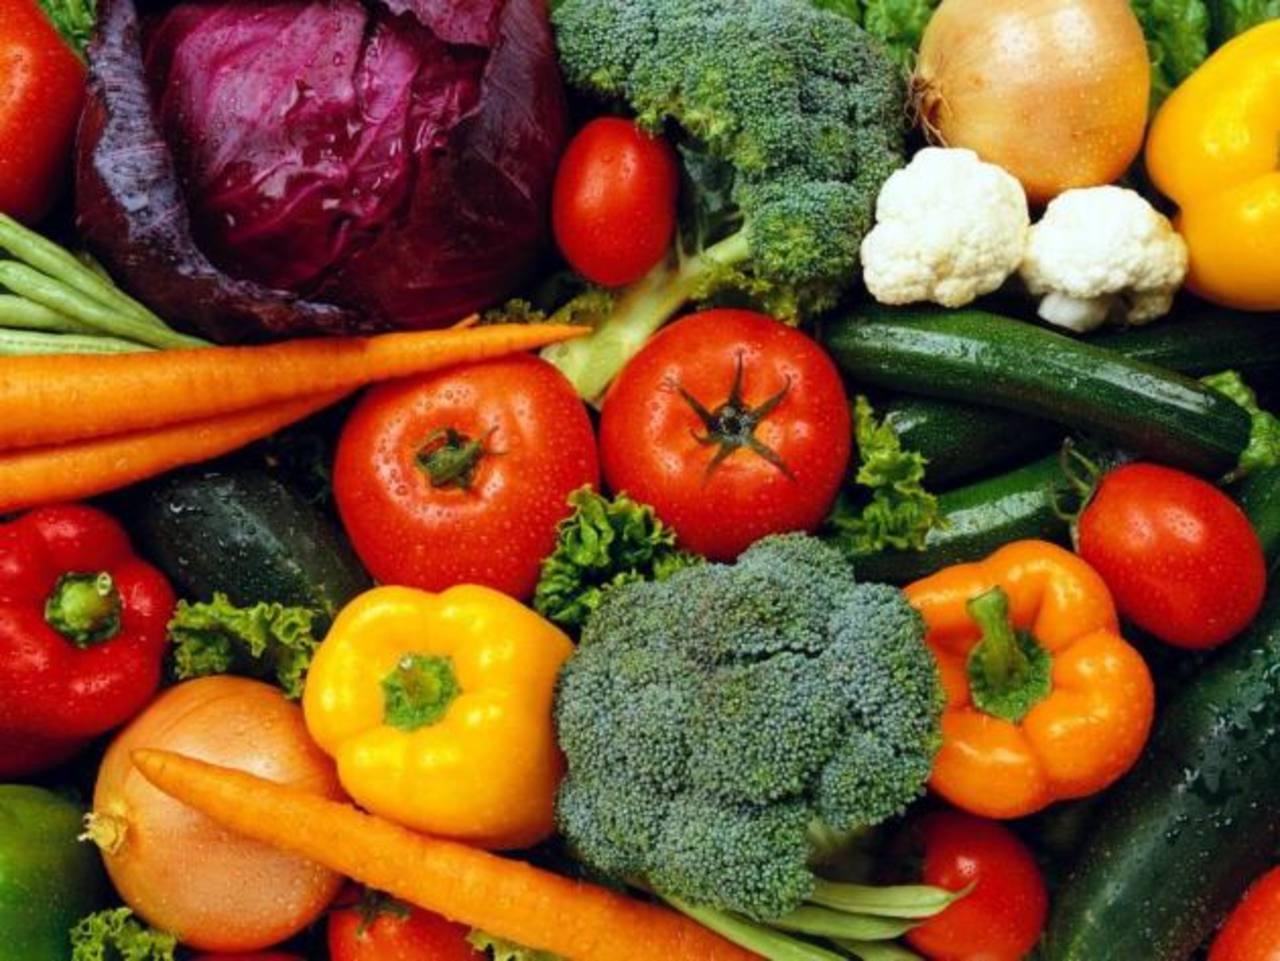 Según los especialistas se puede llegar a necesitar 10 intentos para que los niños aprendan a disfrutar de las verduras.